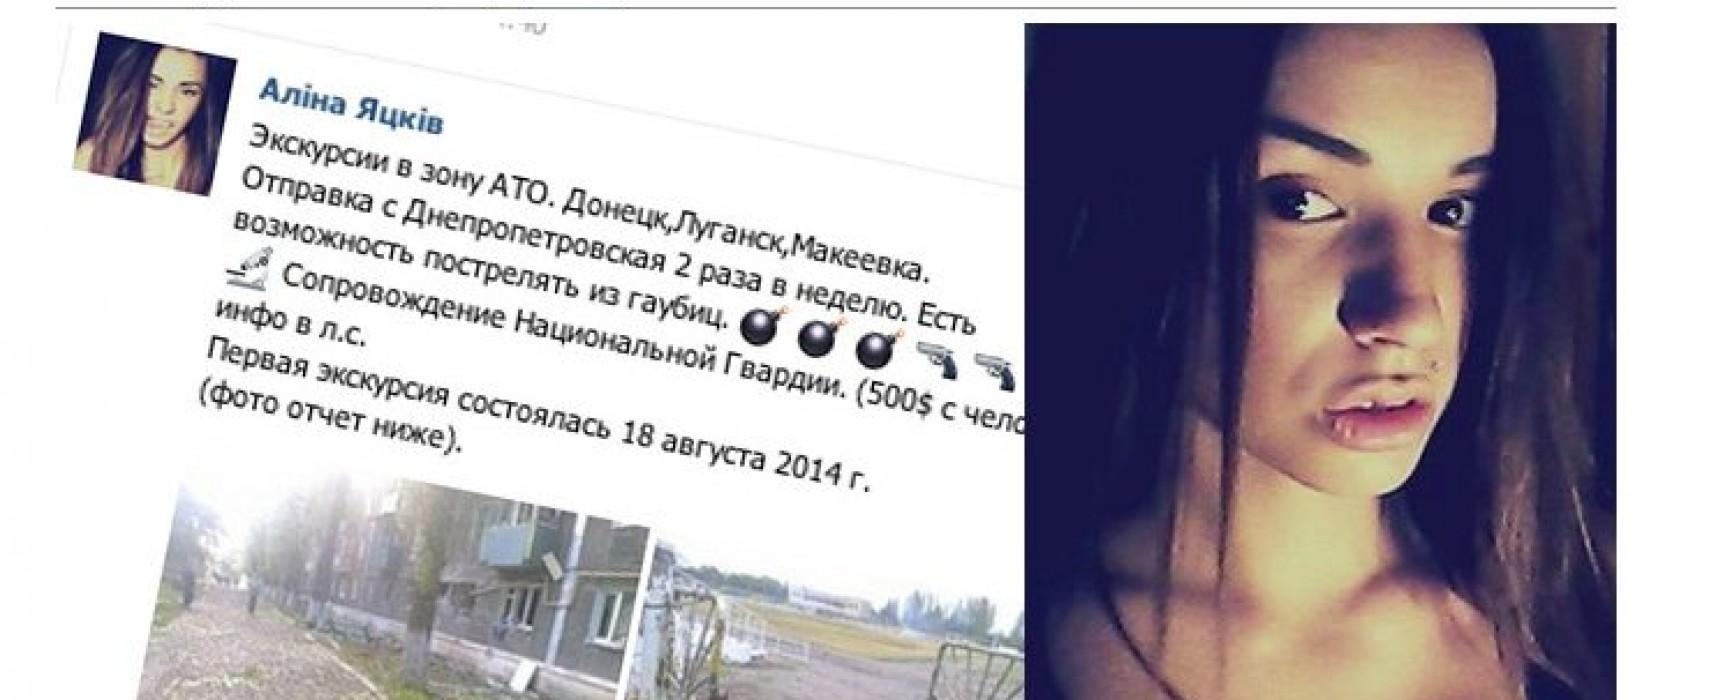 Фейк: Дочь главы СБУ организует туры со стрельбой из гаубиц